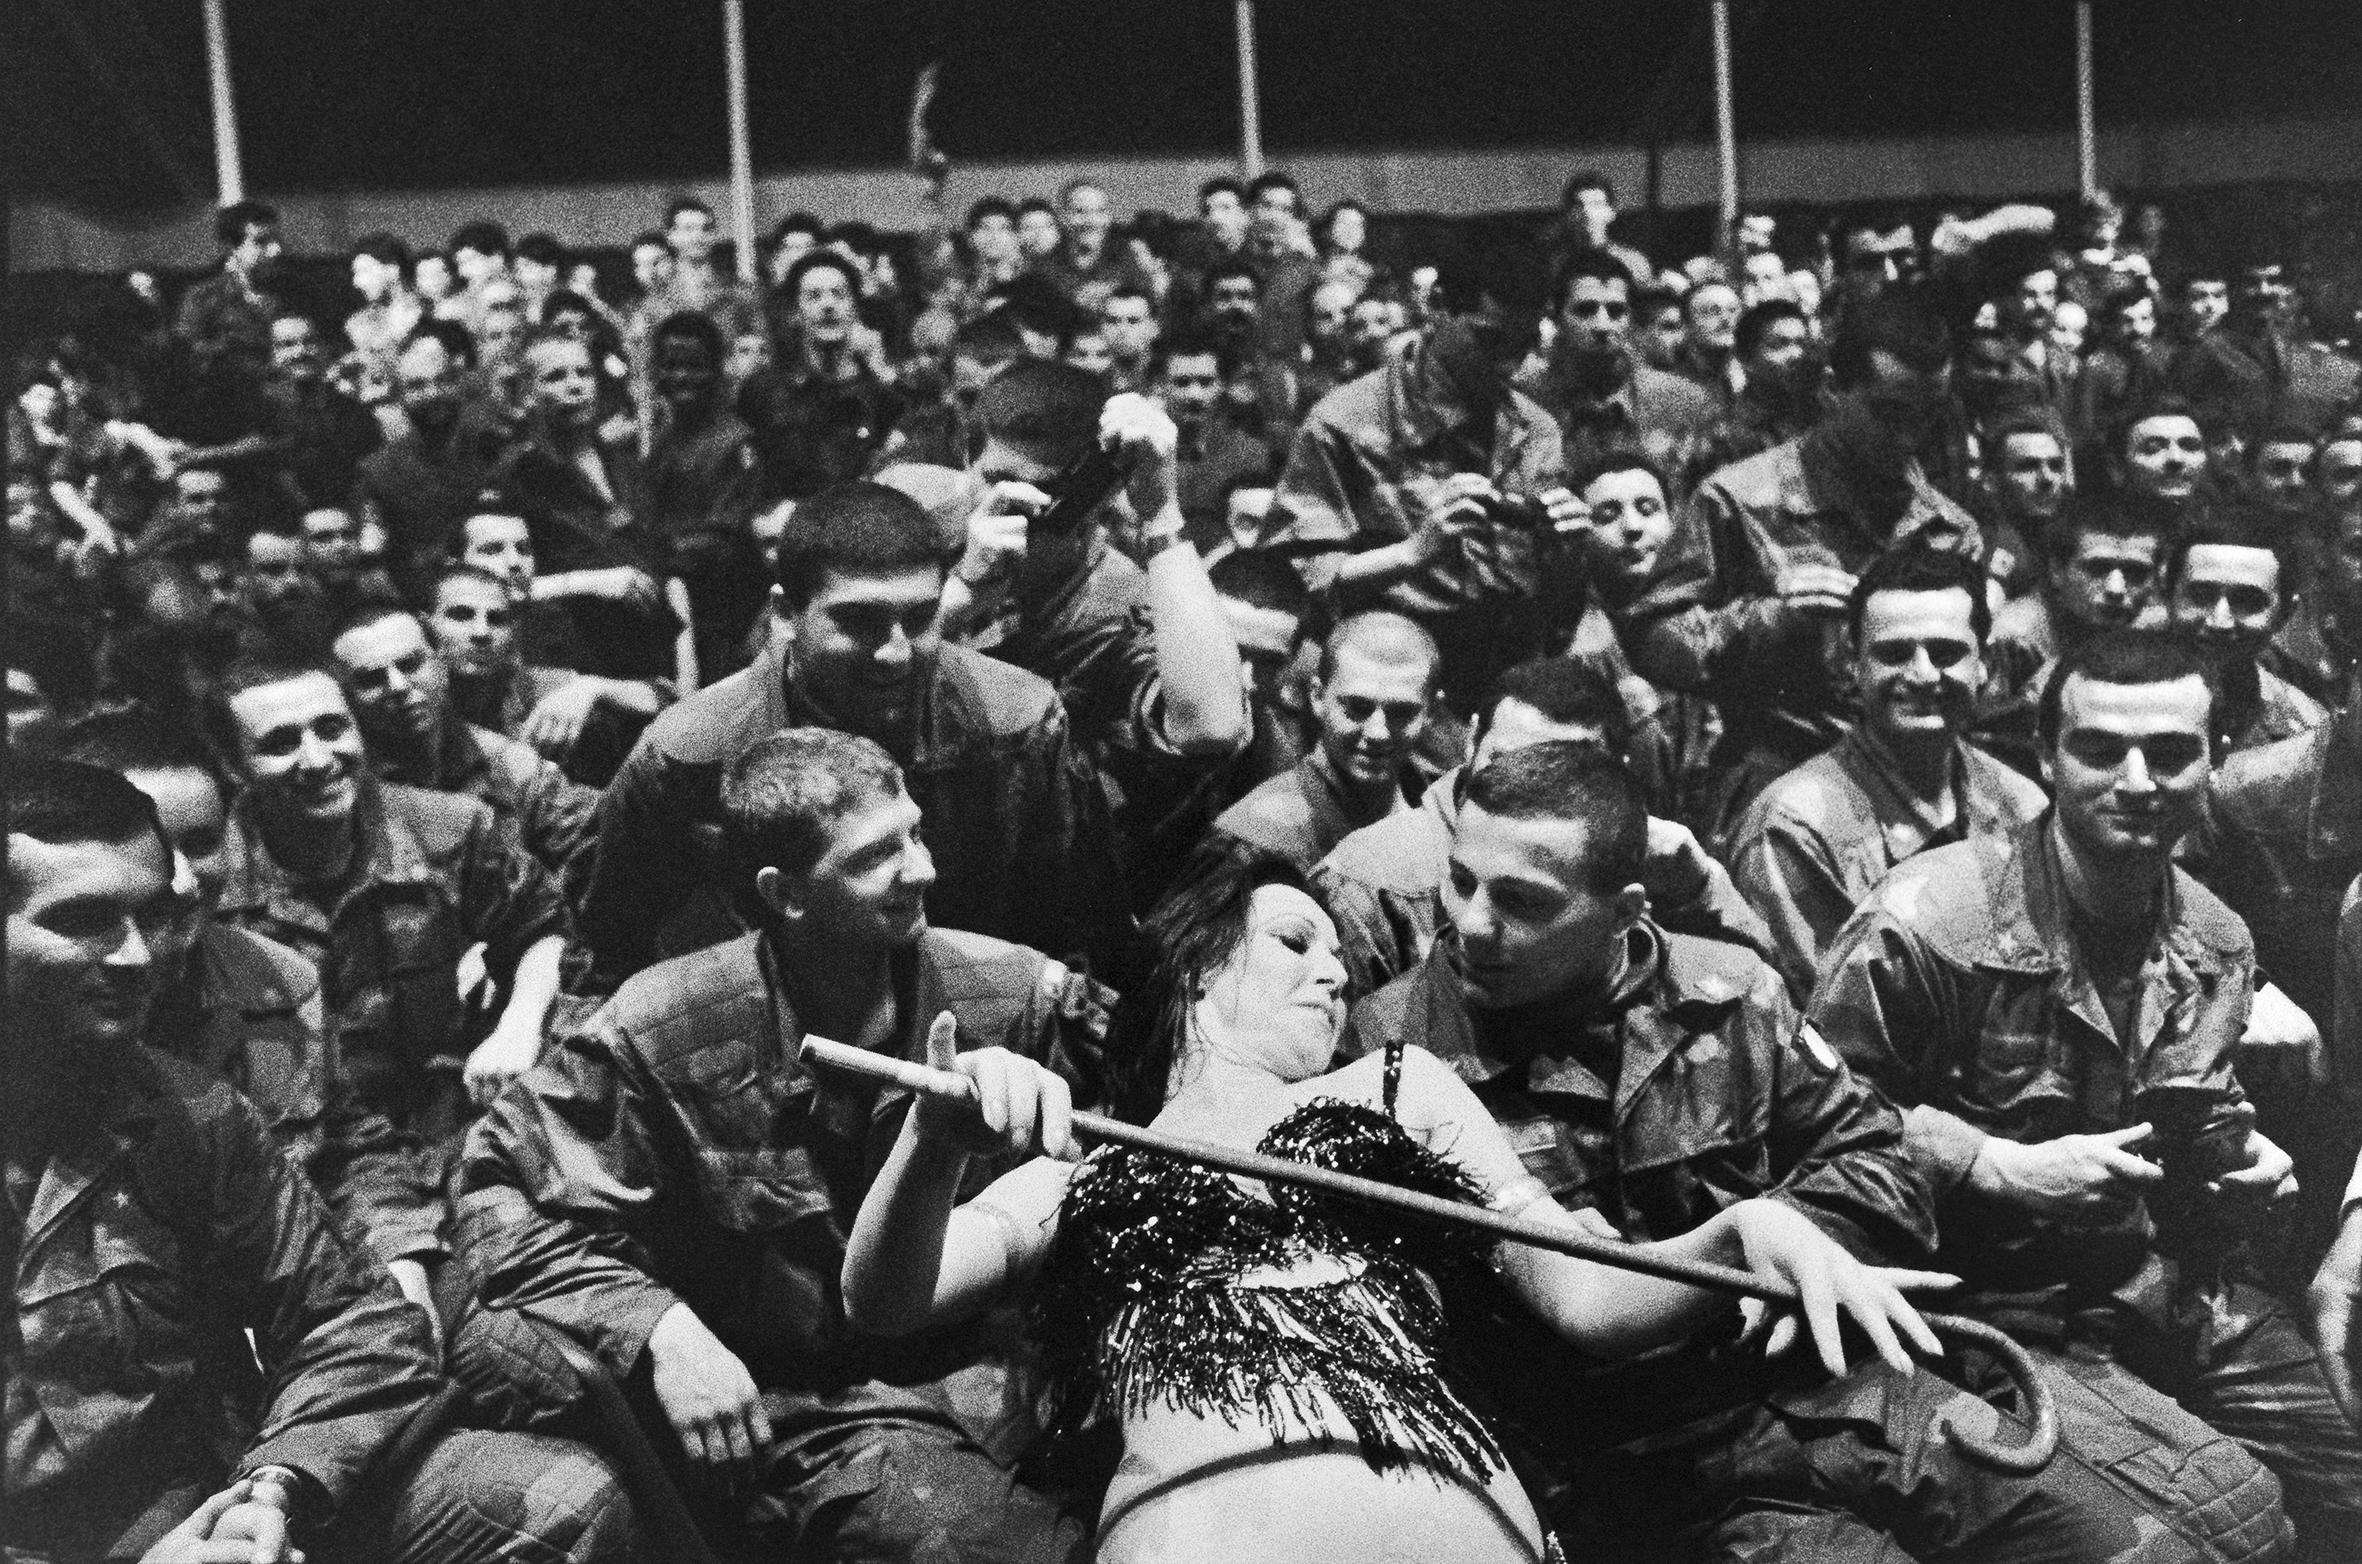 Demulder racconta la guerra in Libano. Libano. Membri della Force Internationale d'Interposition: serata di danze orientali all'hotel Commodore, Beirut, 1983.